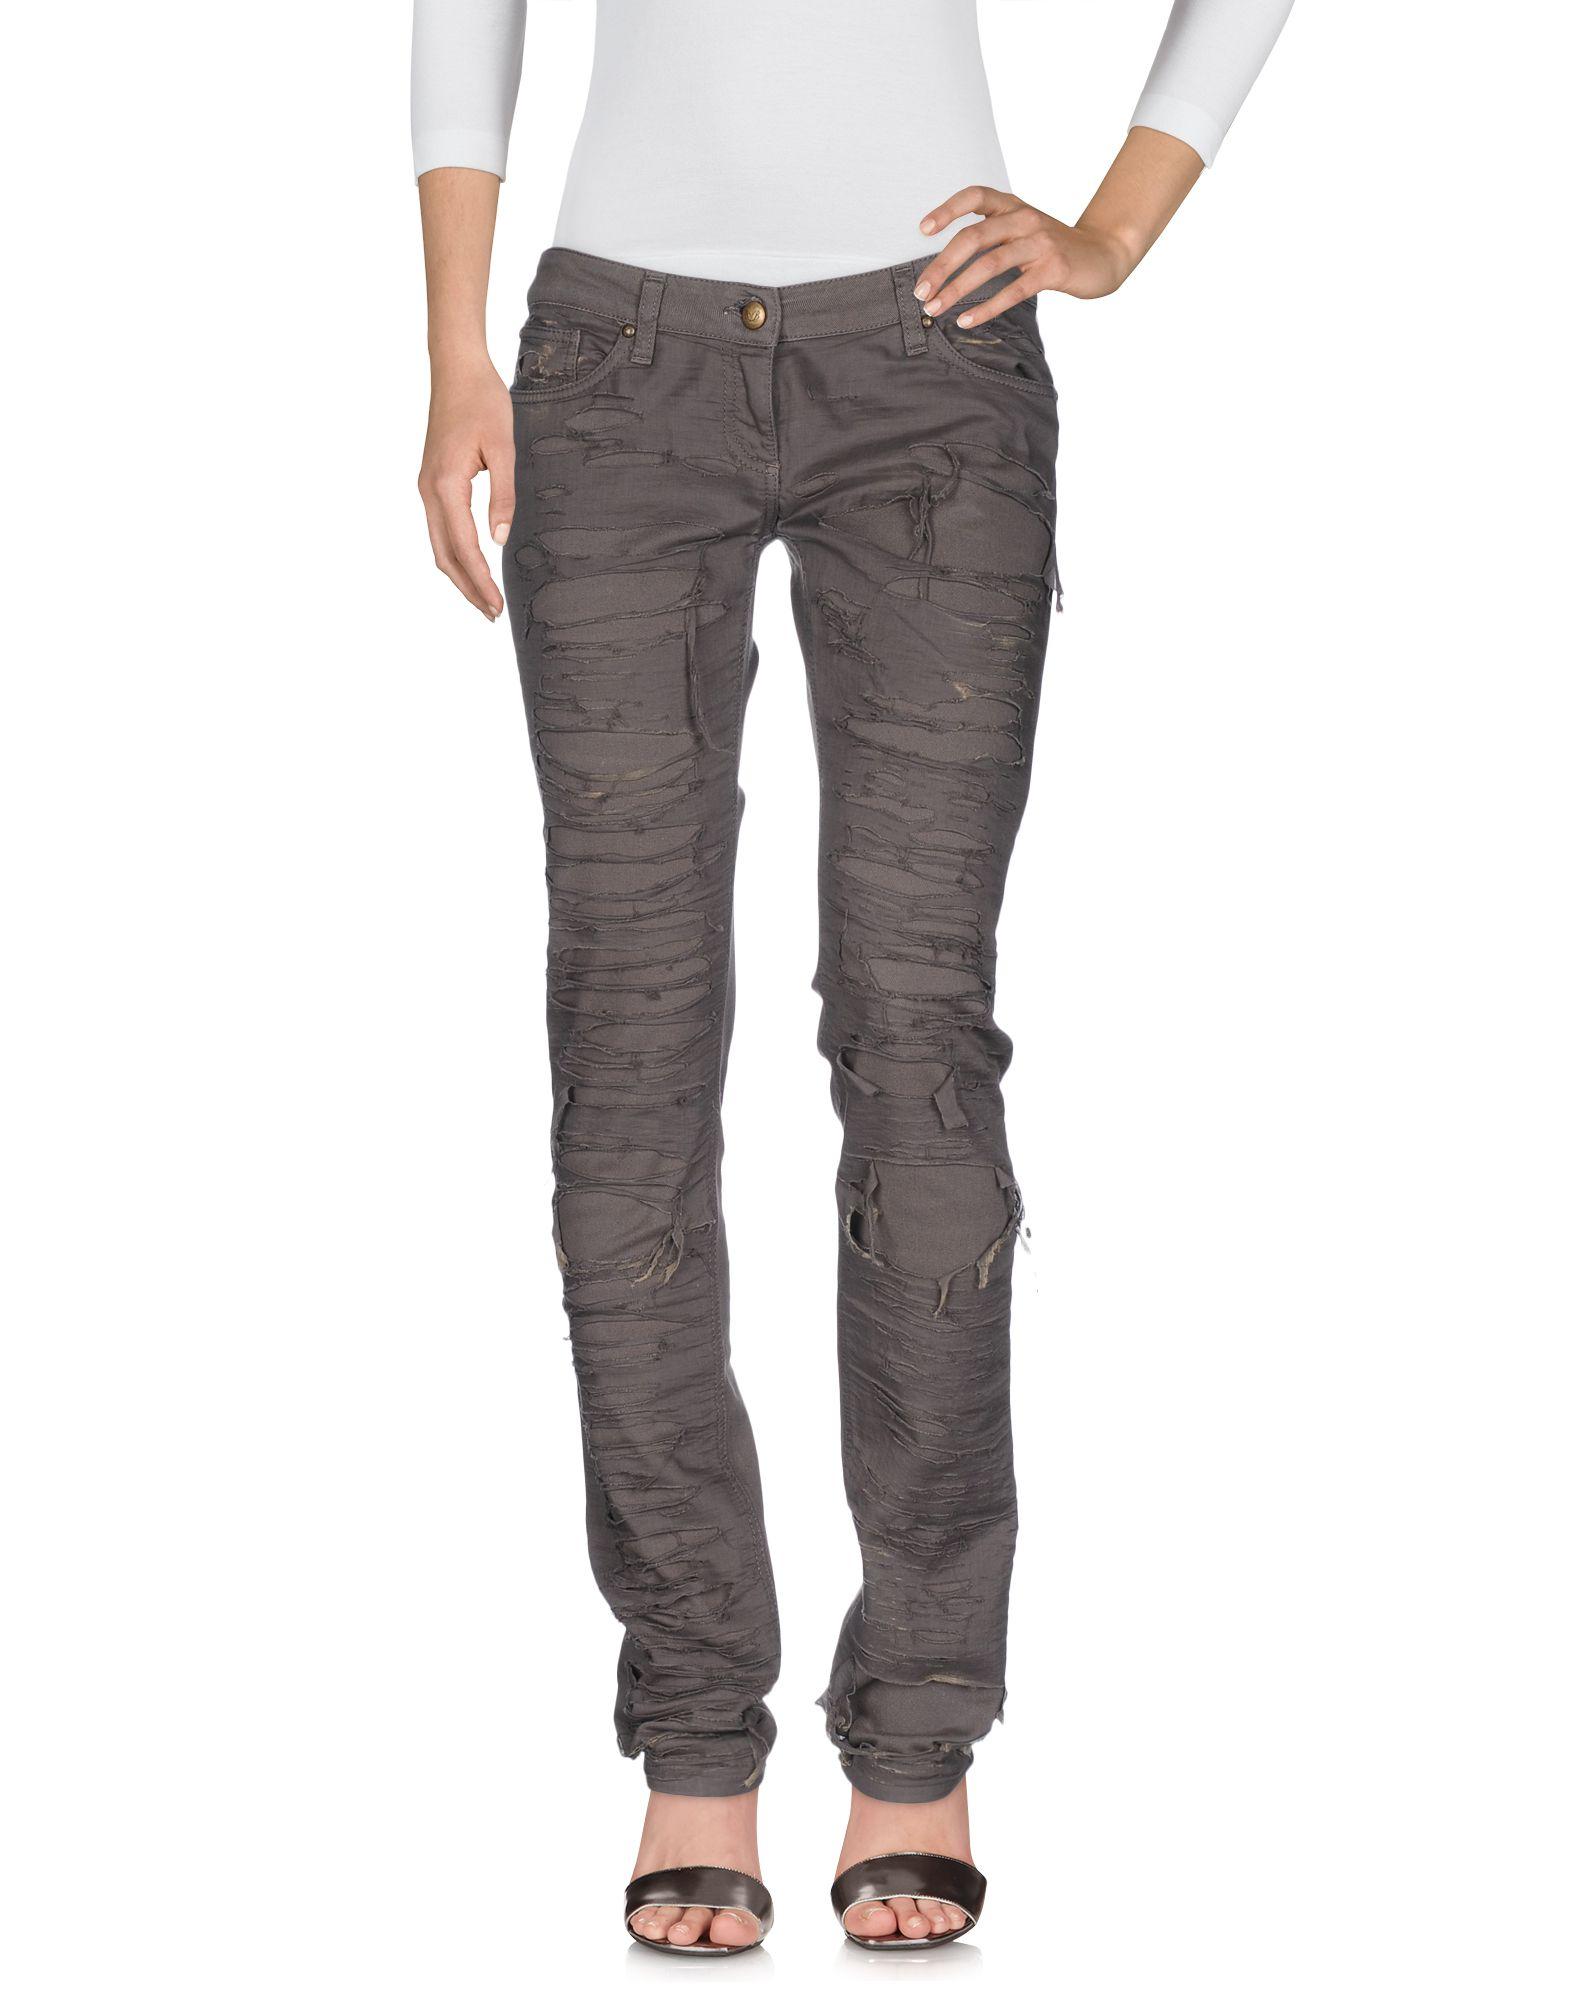 BETTY BLUE Джинсовые брюки коньки onlitop 223f 37 40 blue 806164